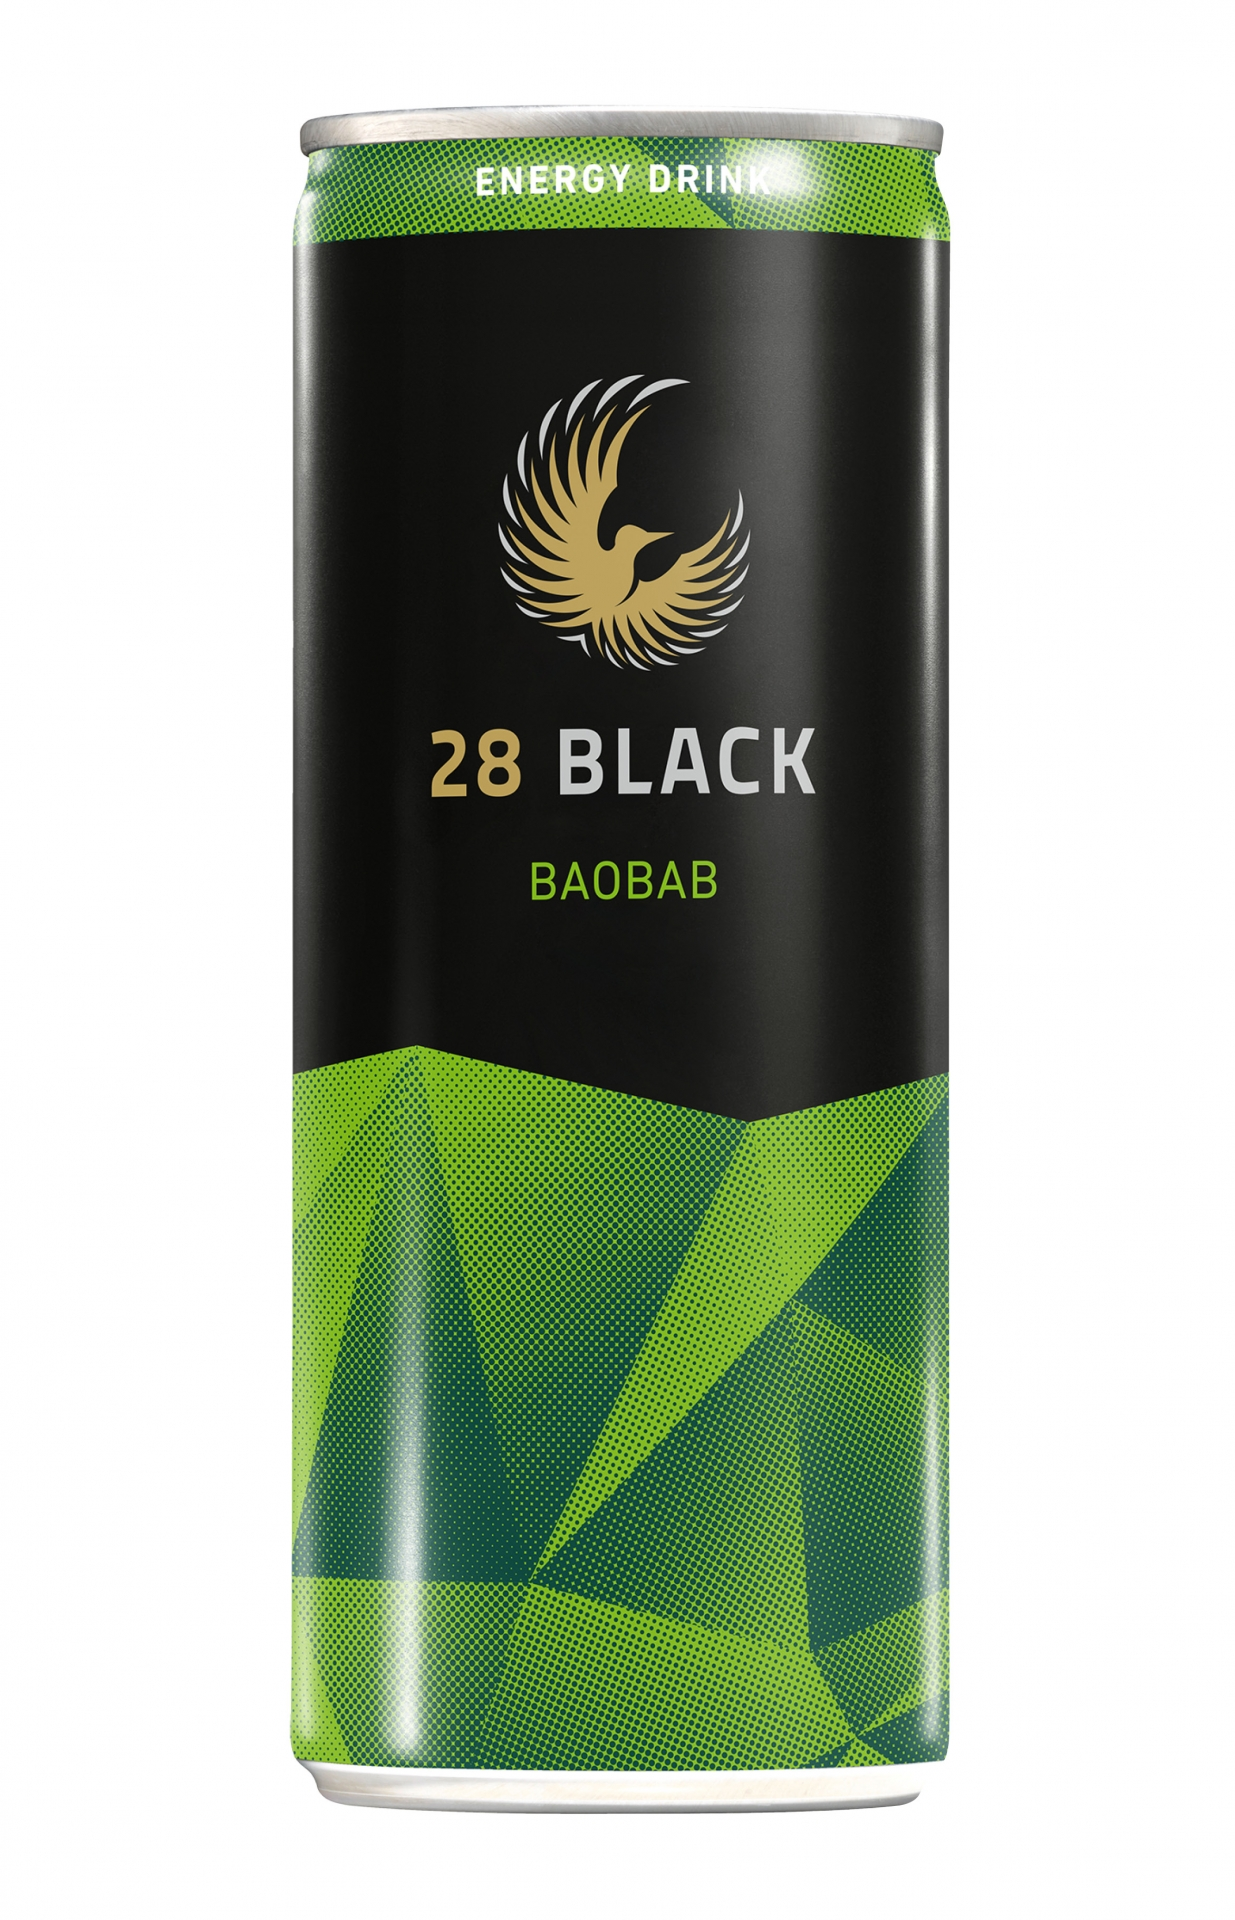 28 BLACK BAOBAB 24x0,25 l Dose